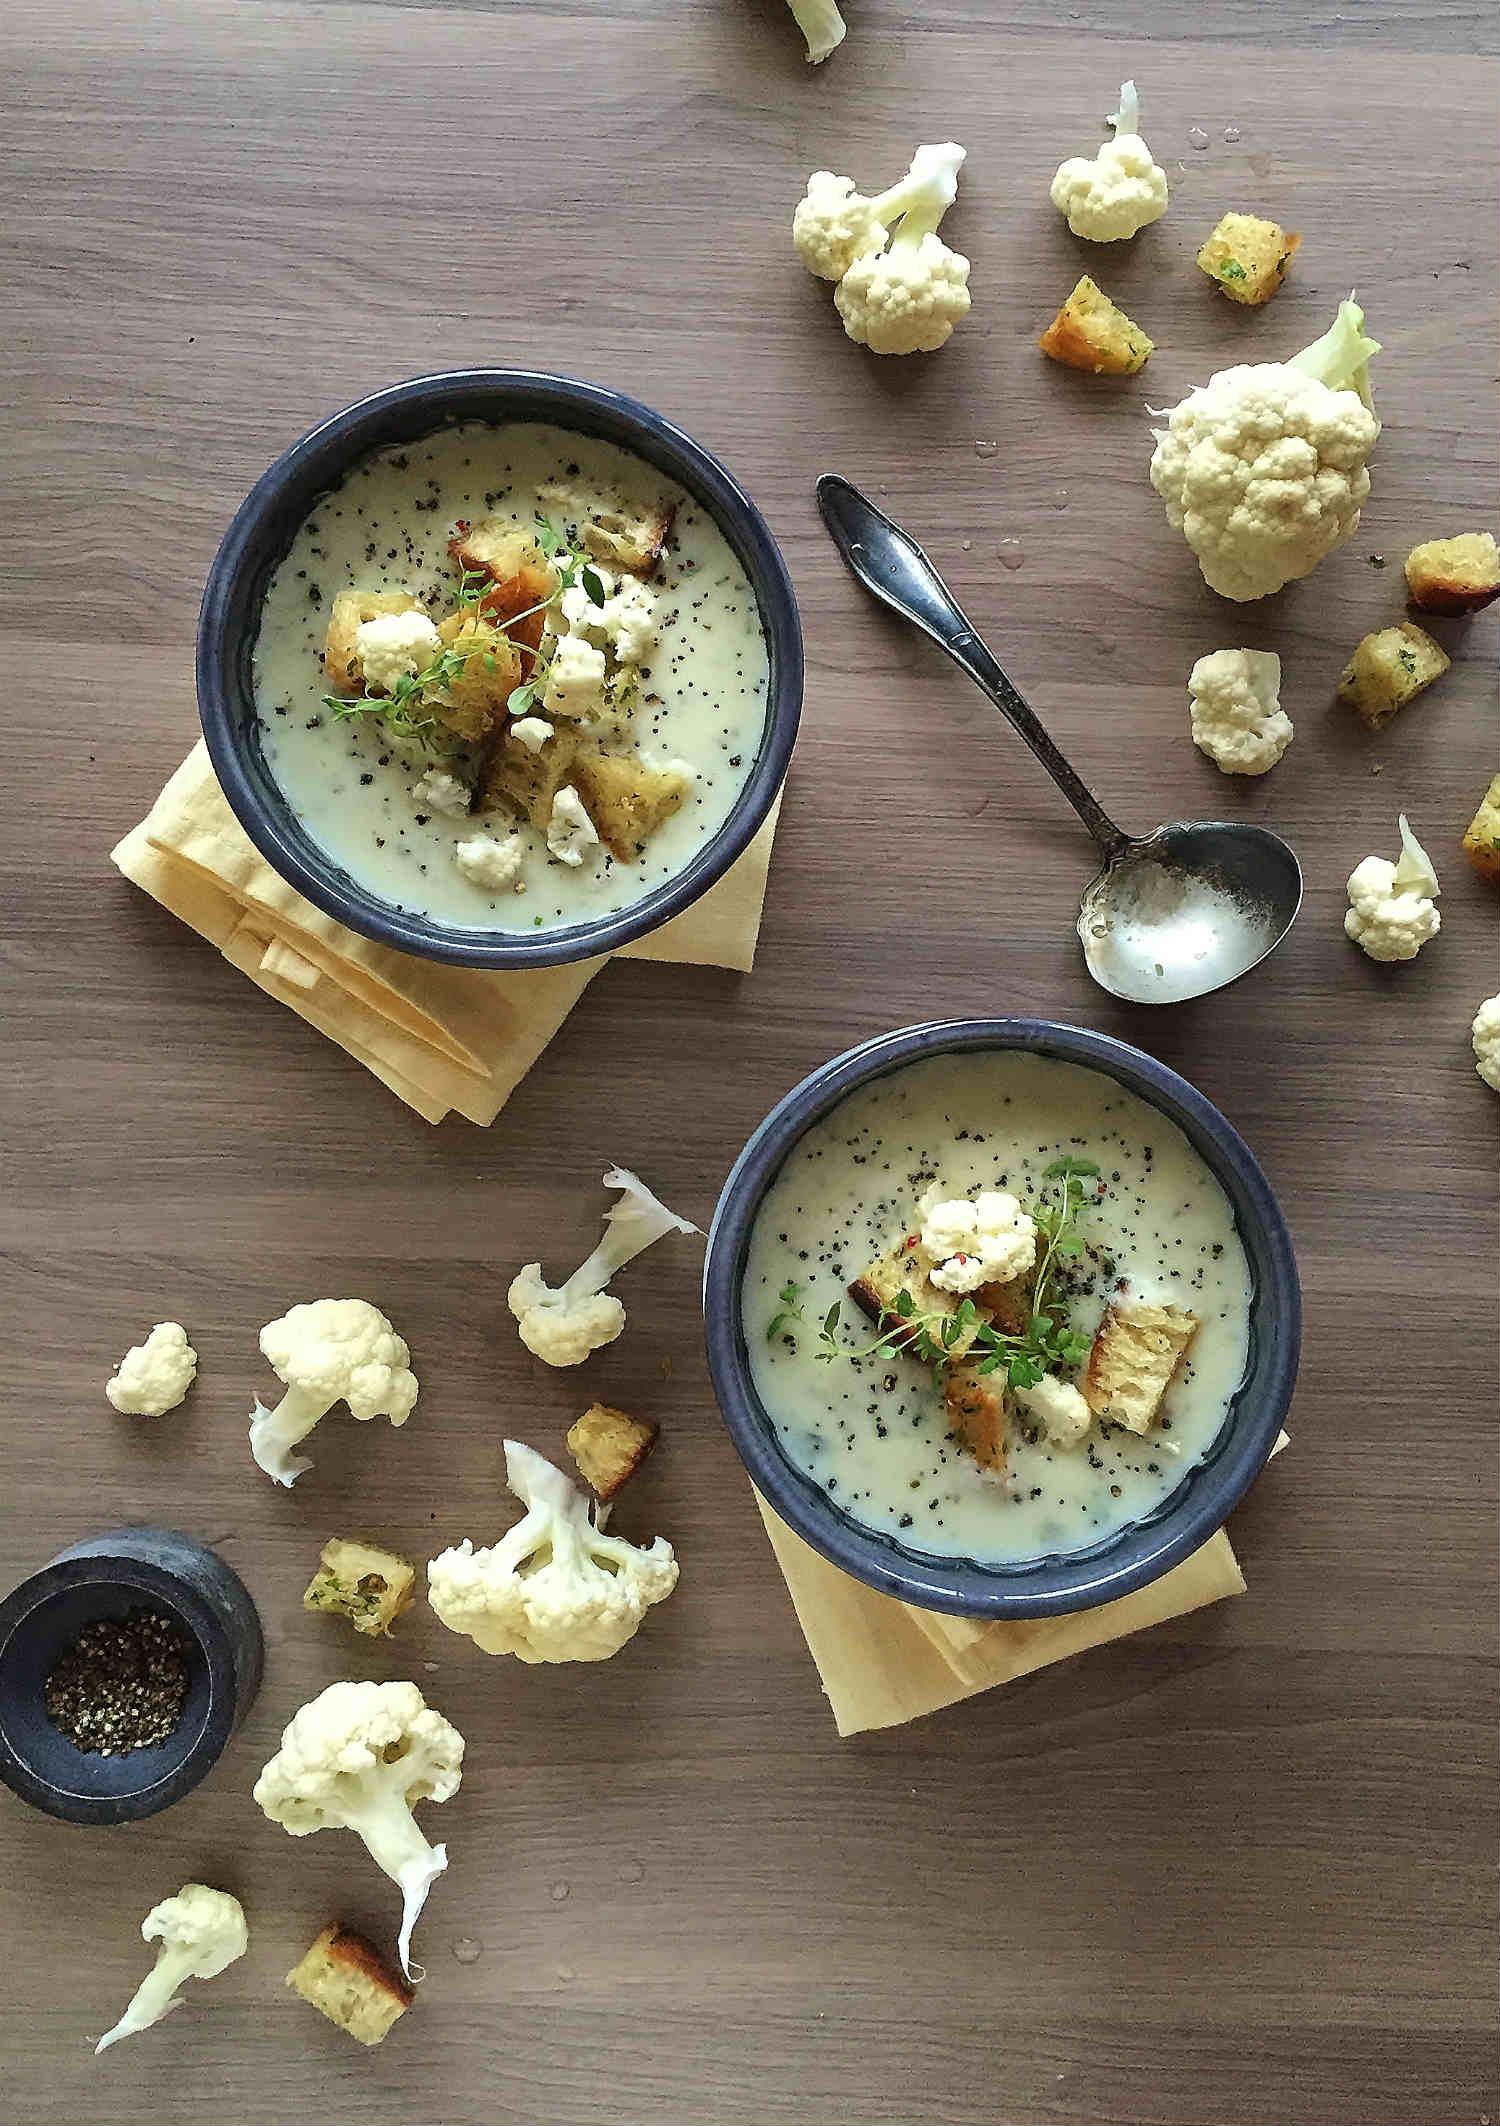 blomkål-suppe